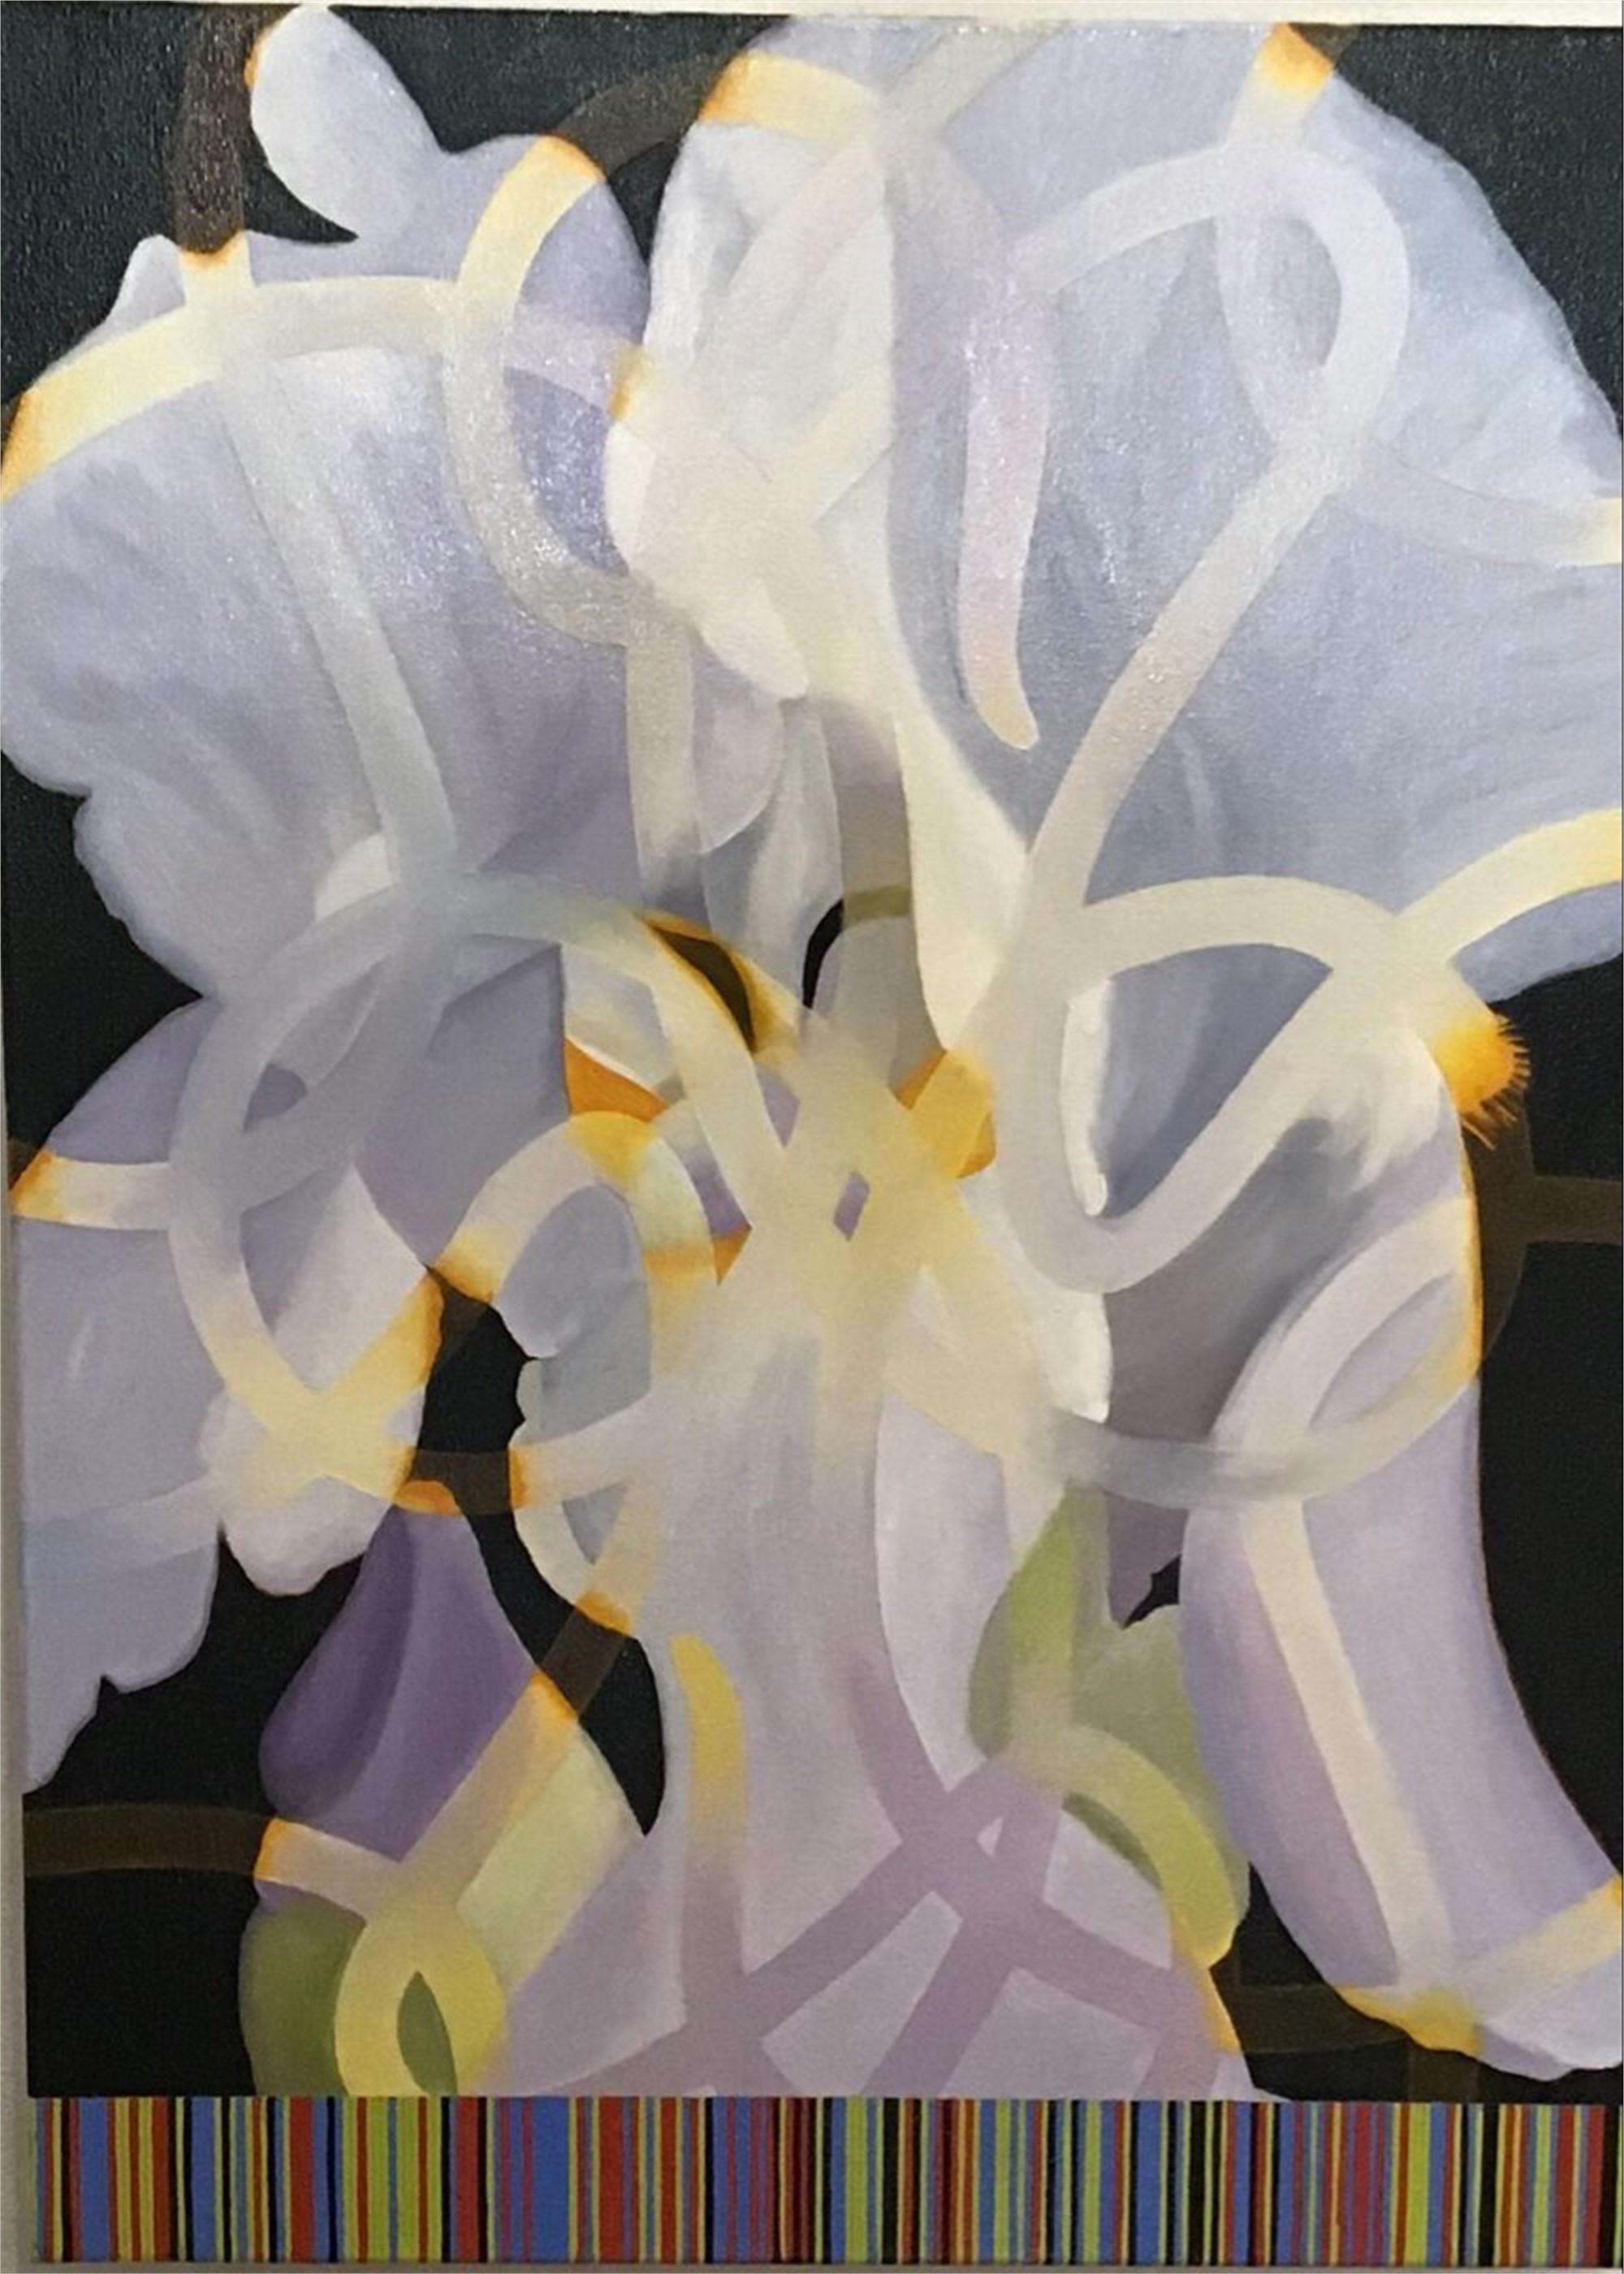 Iris DNA by Steven Martin